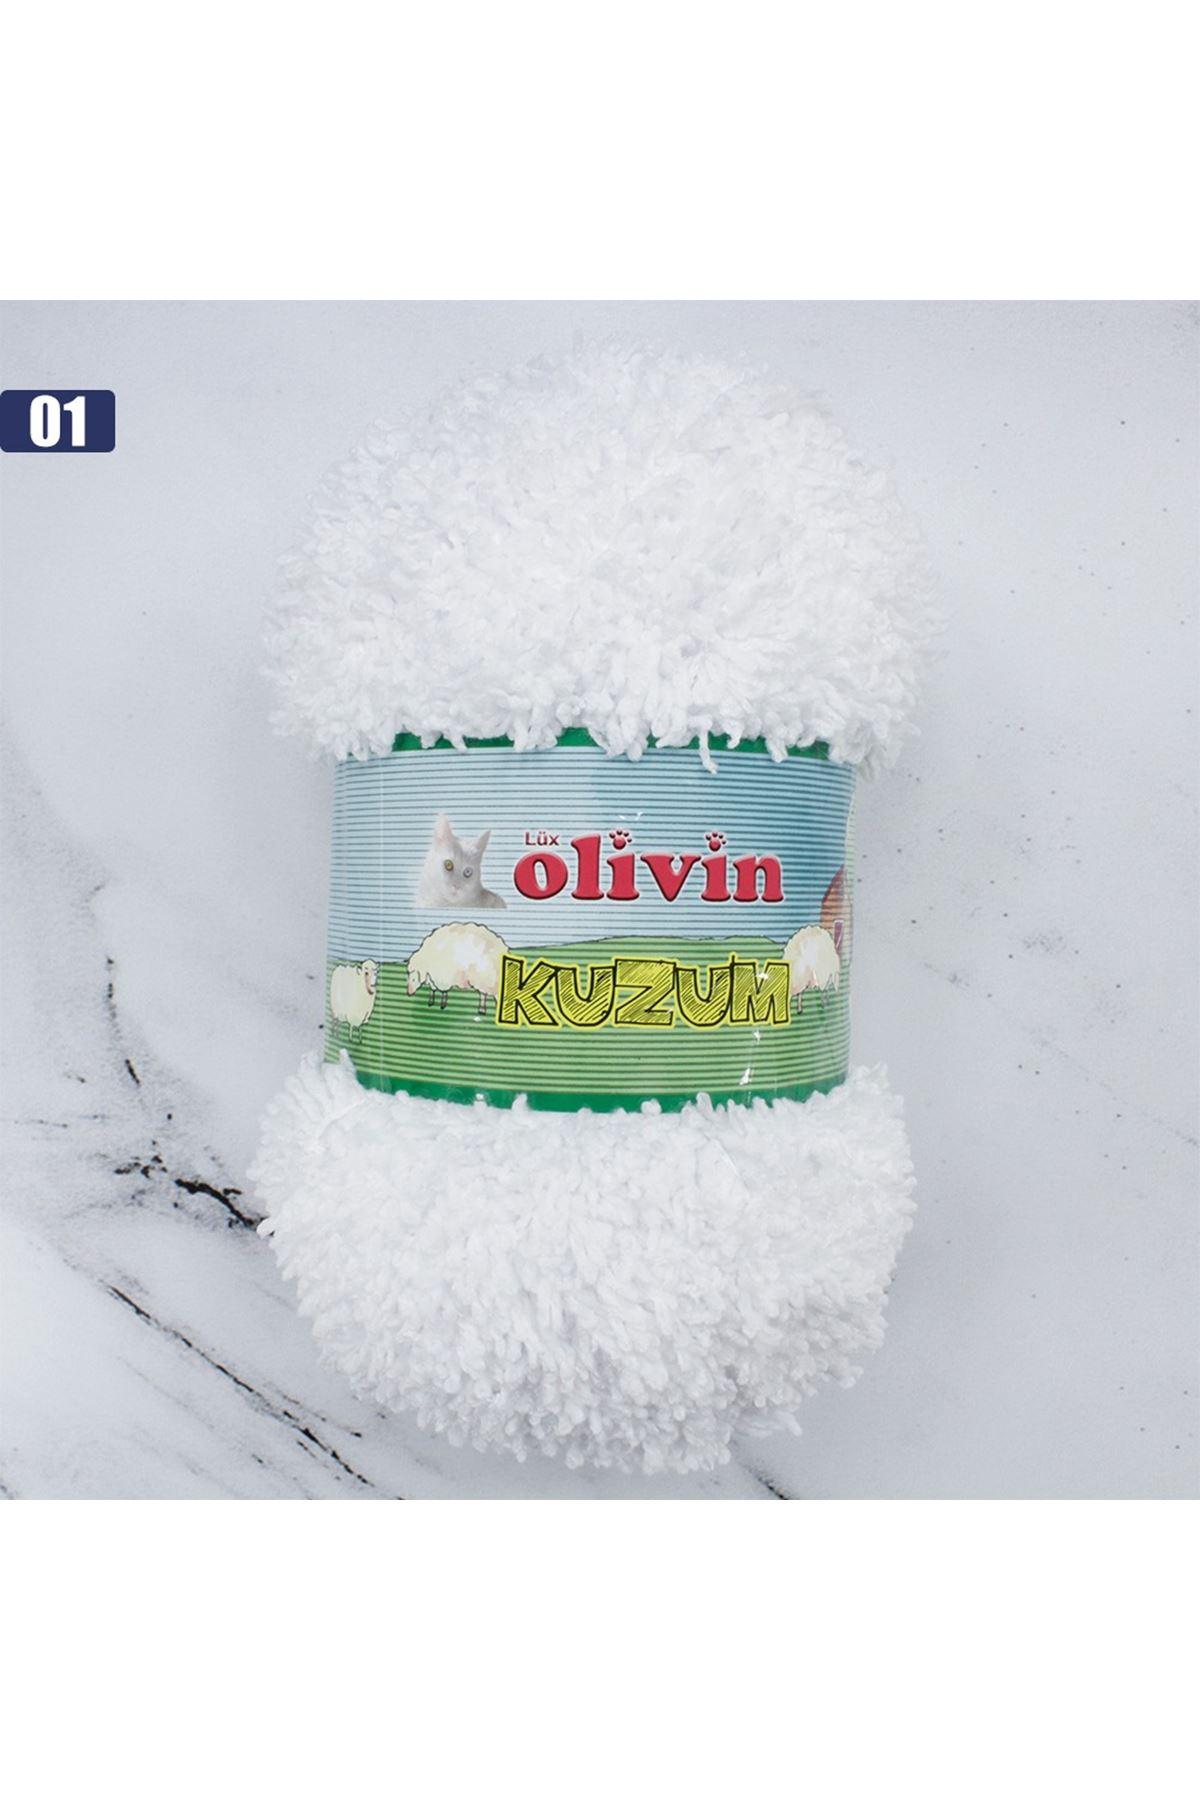 Olivin Kuzum 01